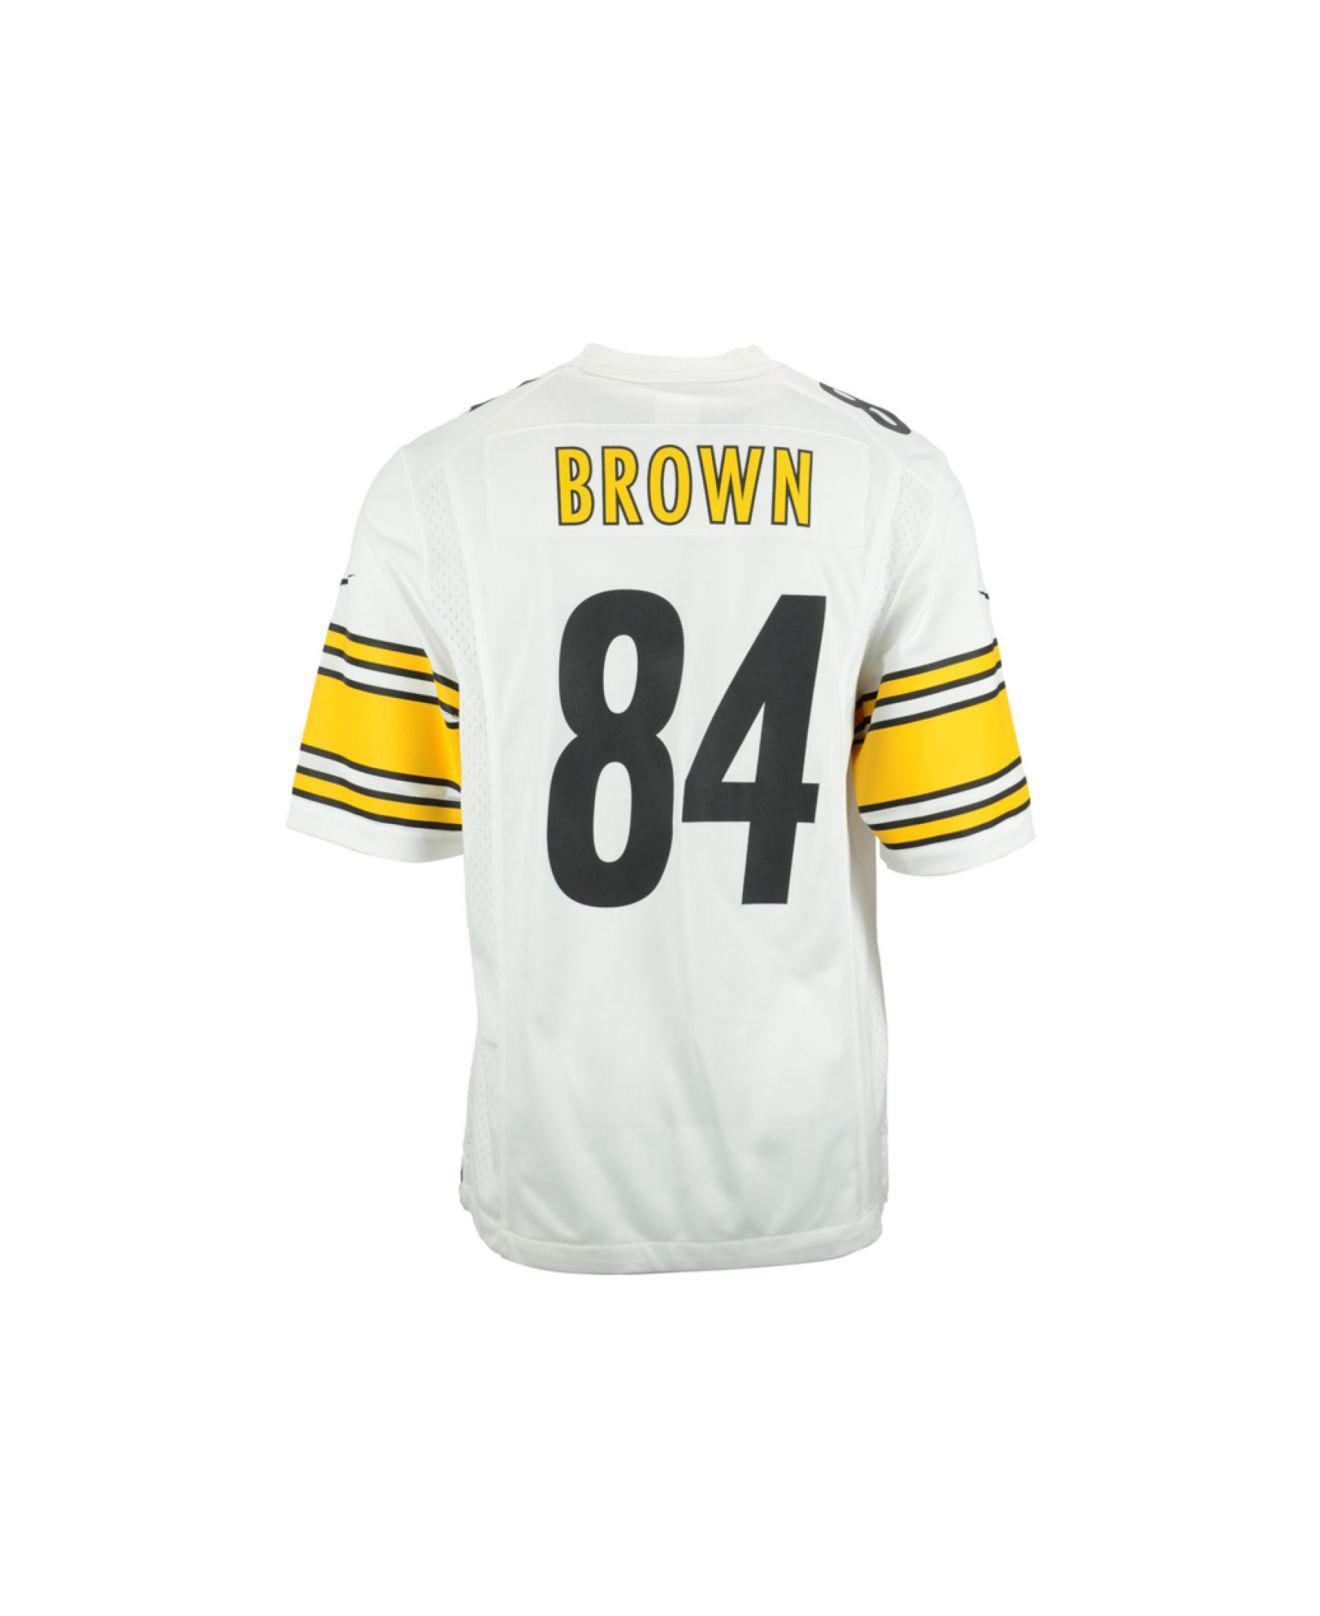 127051f0046 Lyst - Nike Men's Antonio Brown Pittsburgh Steelers Game Jersey in ...